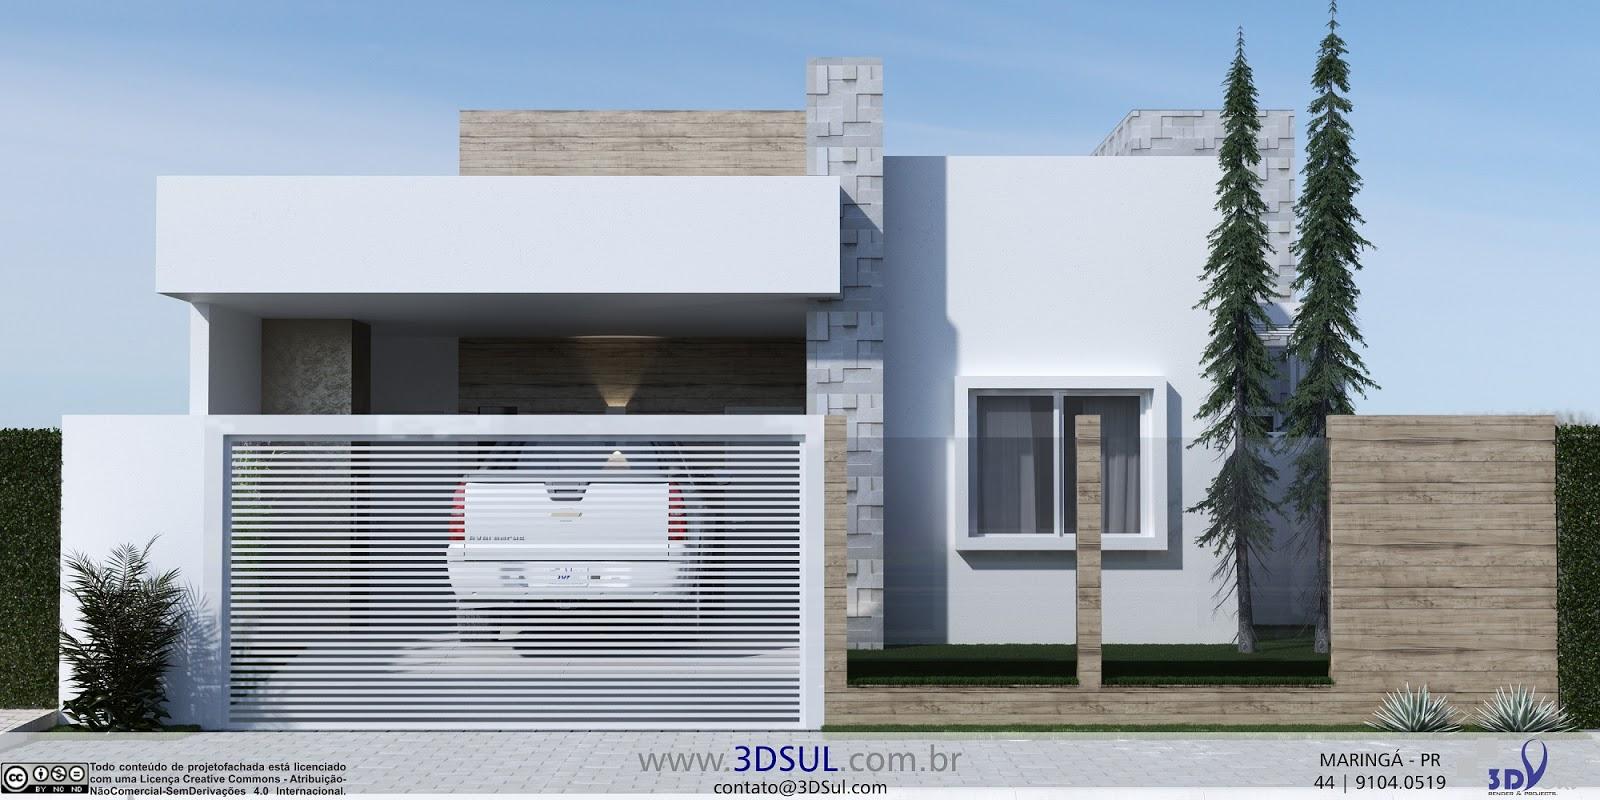 3dsul maquete eletr nica 3d arquitetura 3d fachada for Fachada de casas